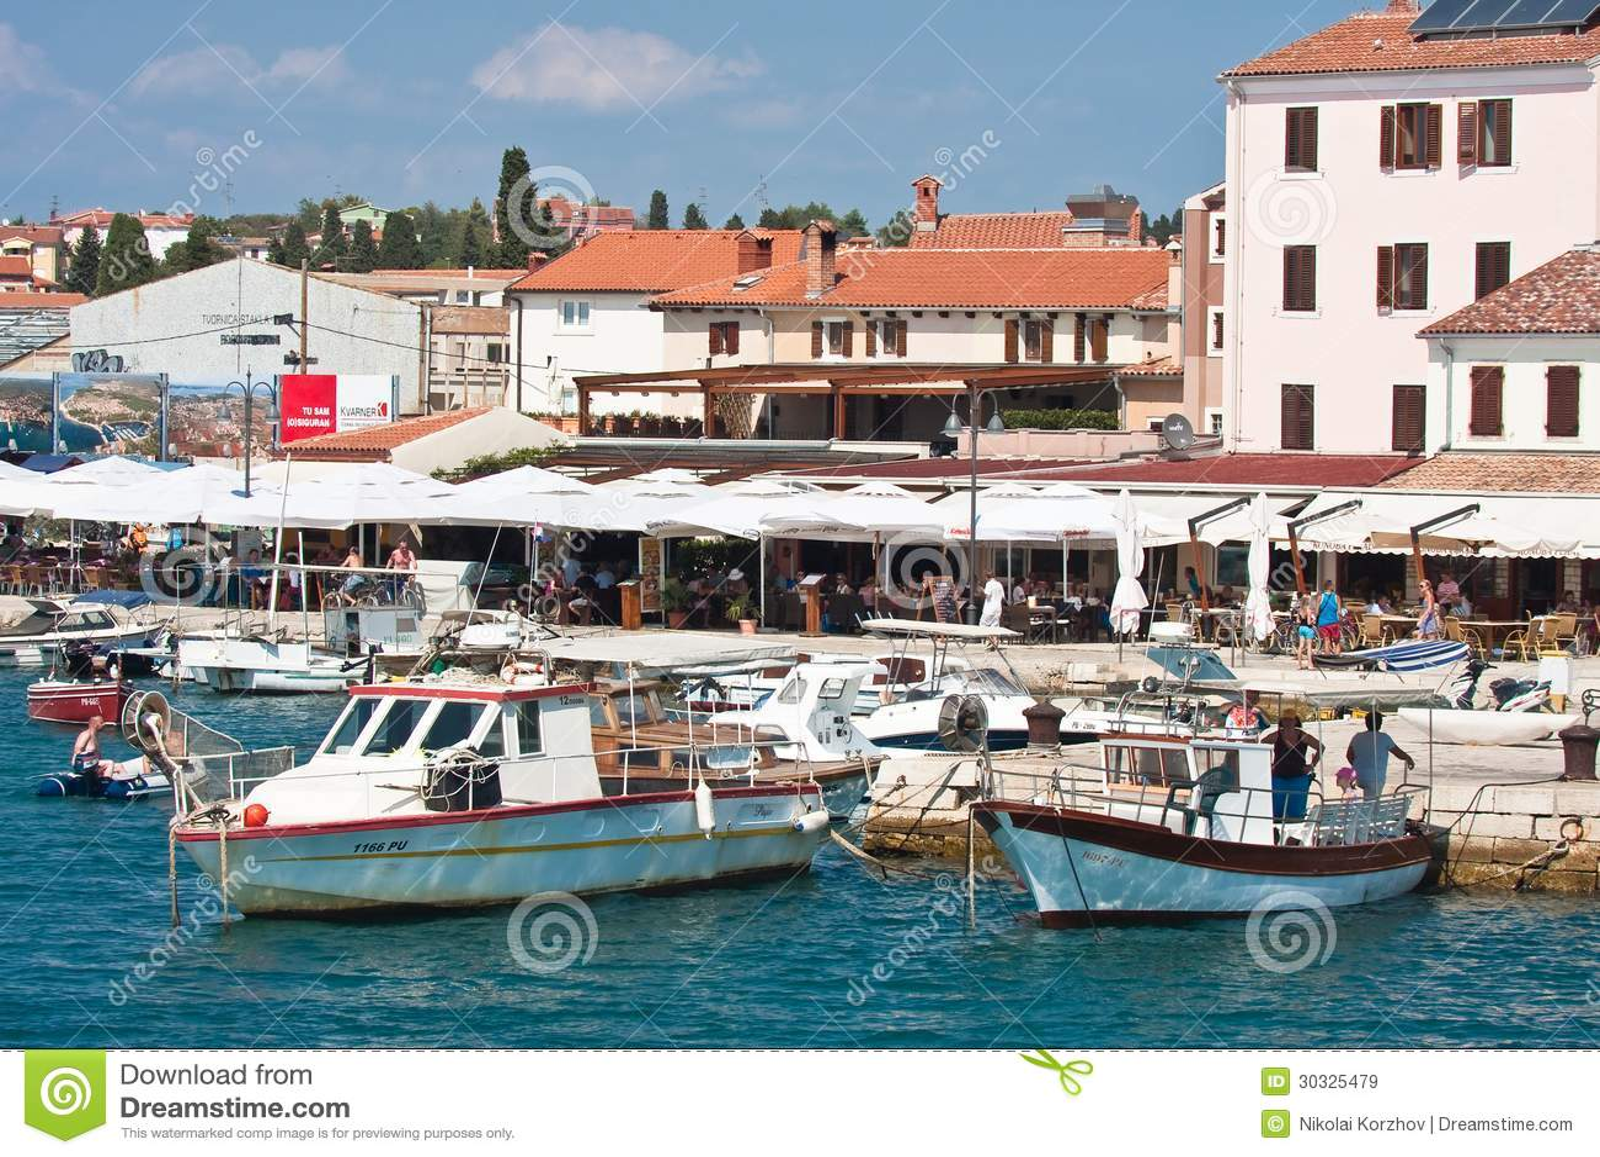 Località Di Soggiorno Fazana, Croazia Immagine Stock Editoriale ...